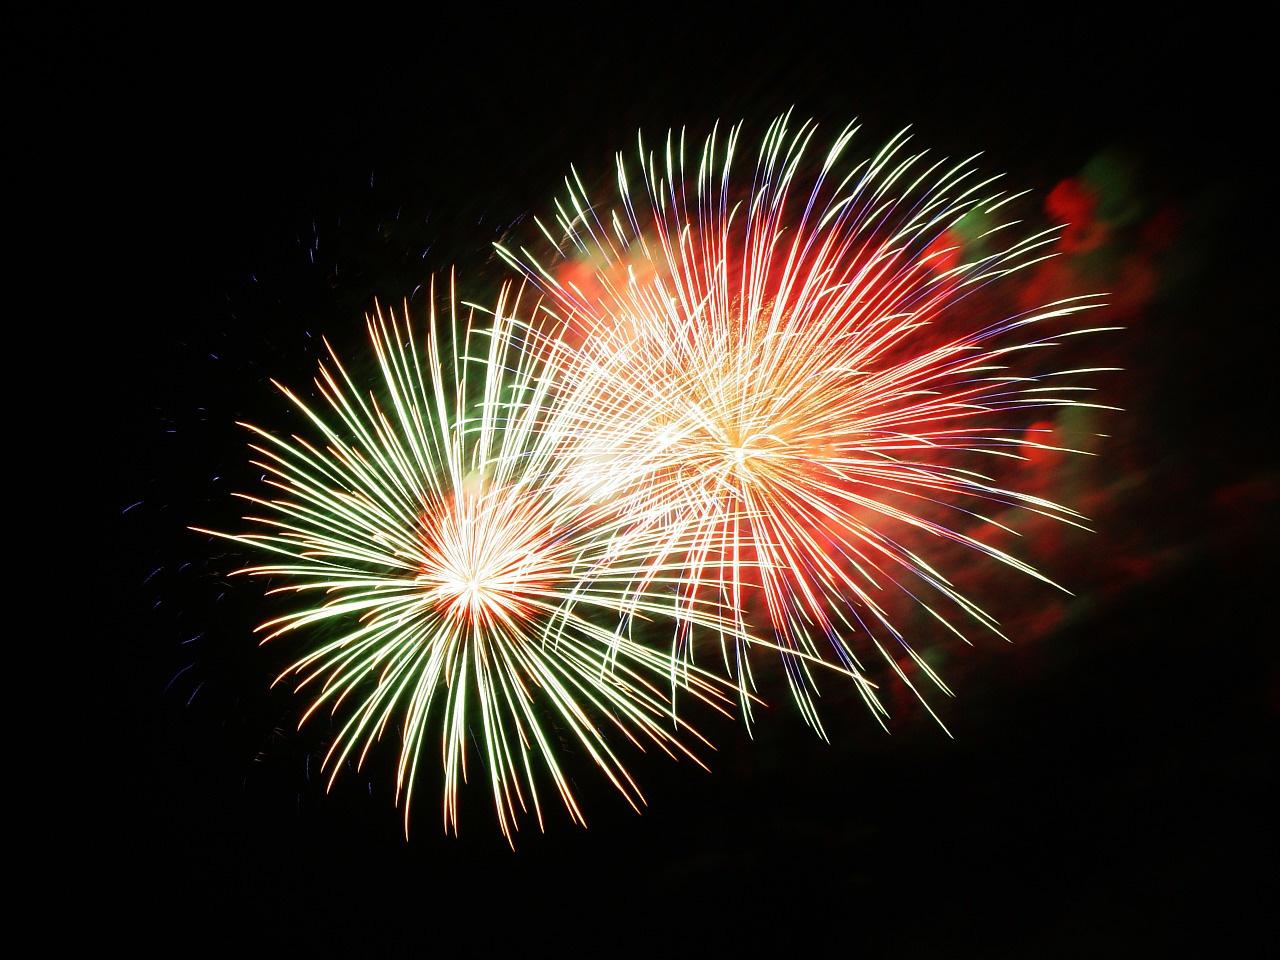 La magie des feux d'artifice